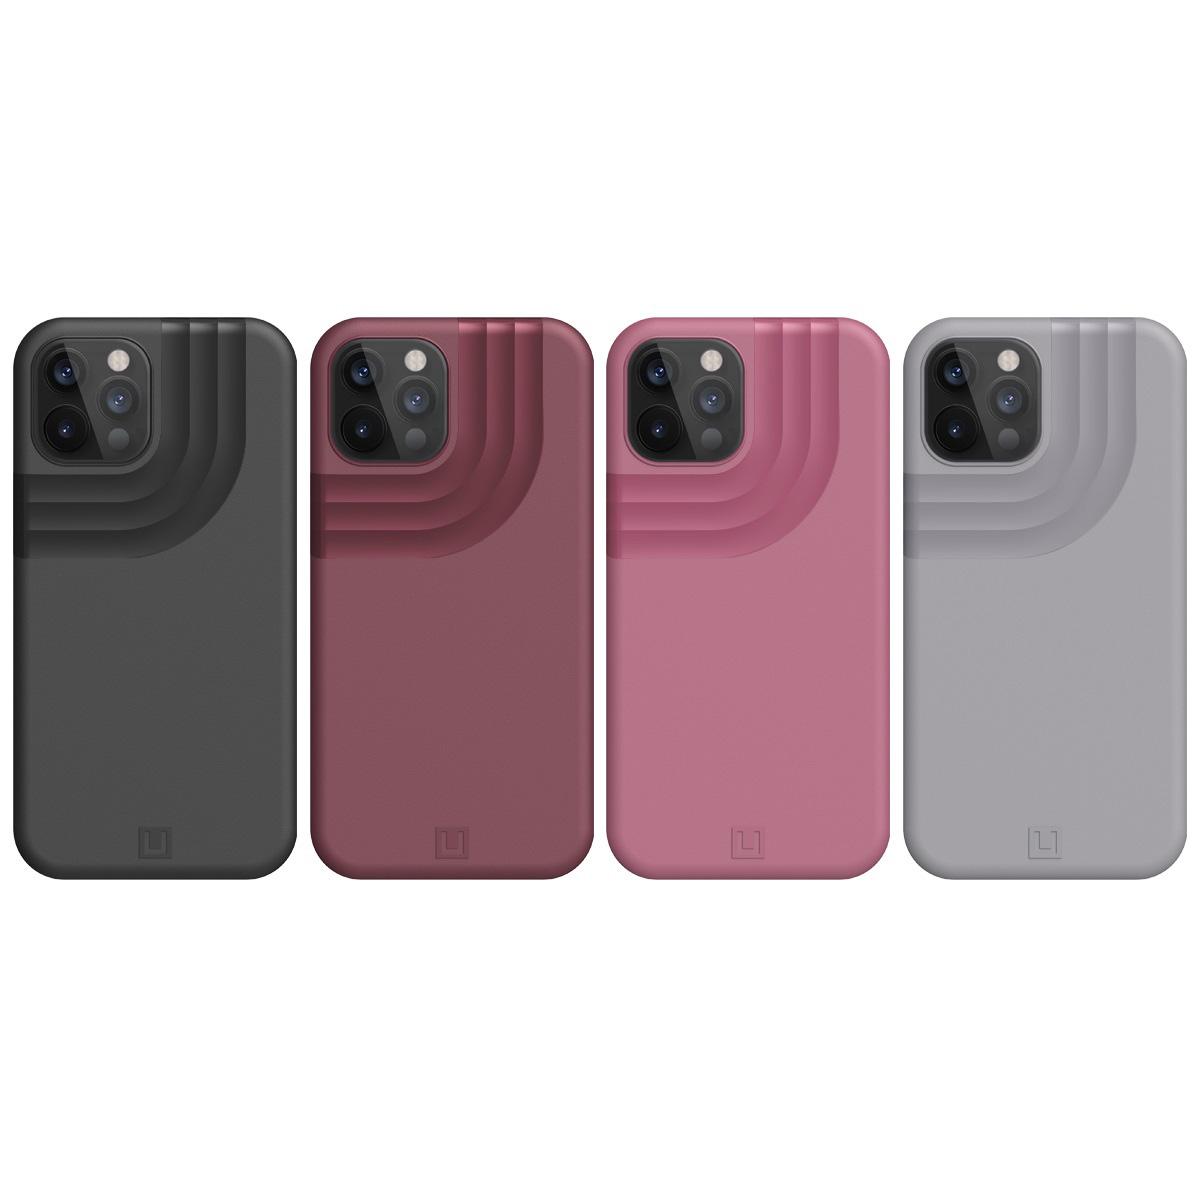 U by UAG iPhone 12 Pro/ 12用 ANCHORケース 全4色 耐衝撃 UAG-UIPH20M1シリーズ 6.1インチ